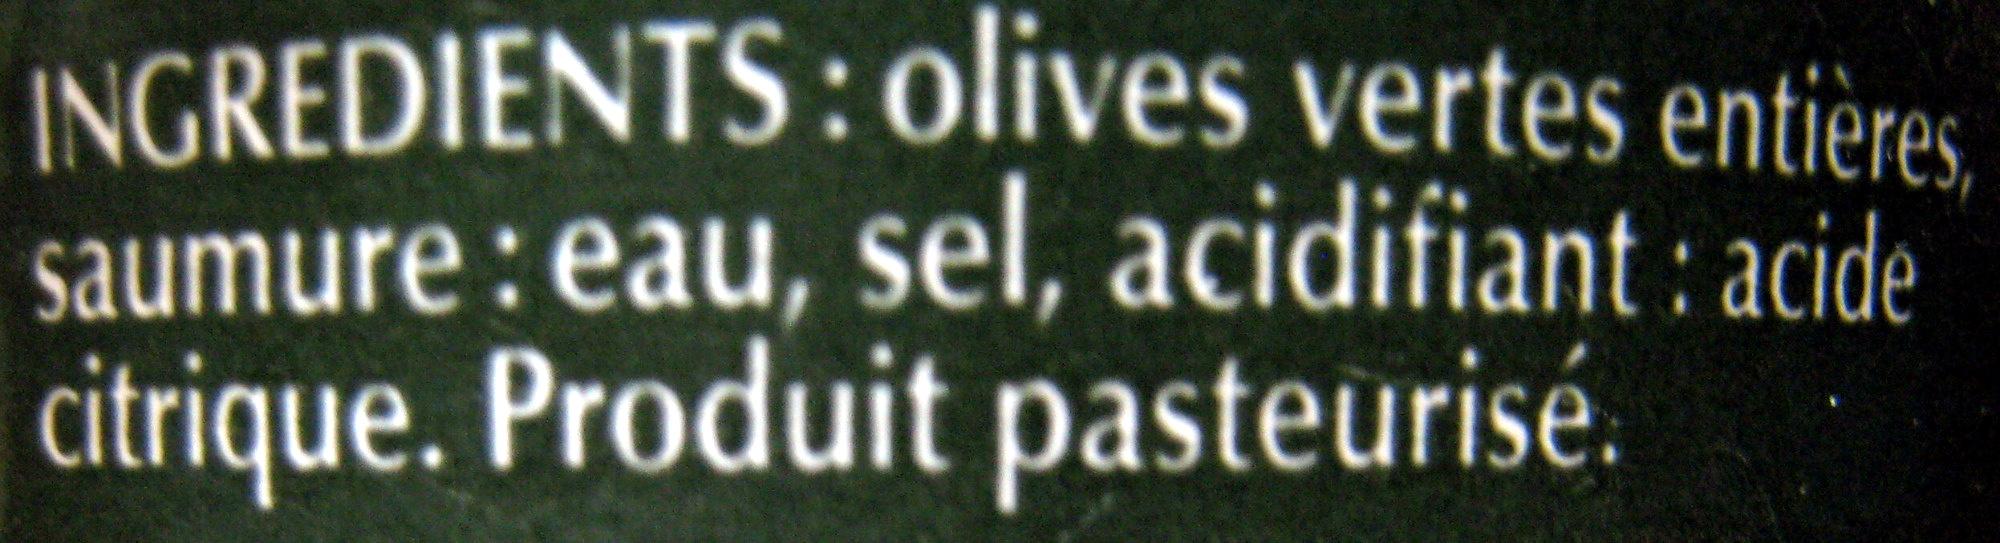 Olives vertes entières - Ingrédients